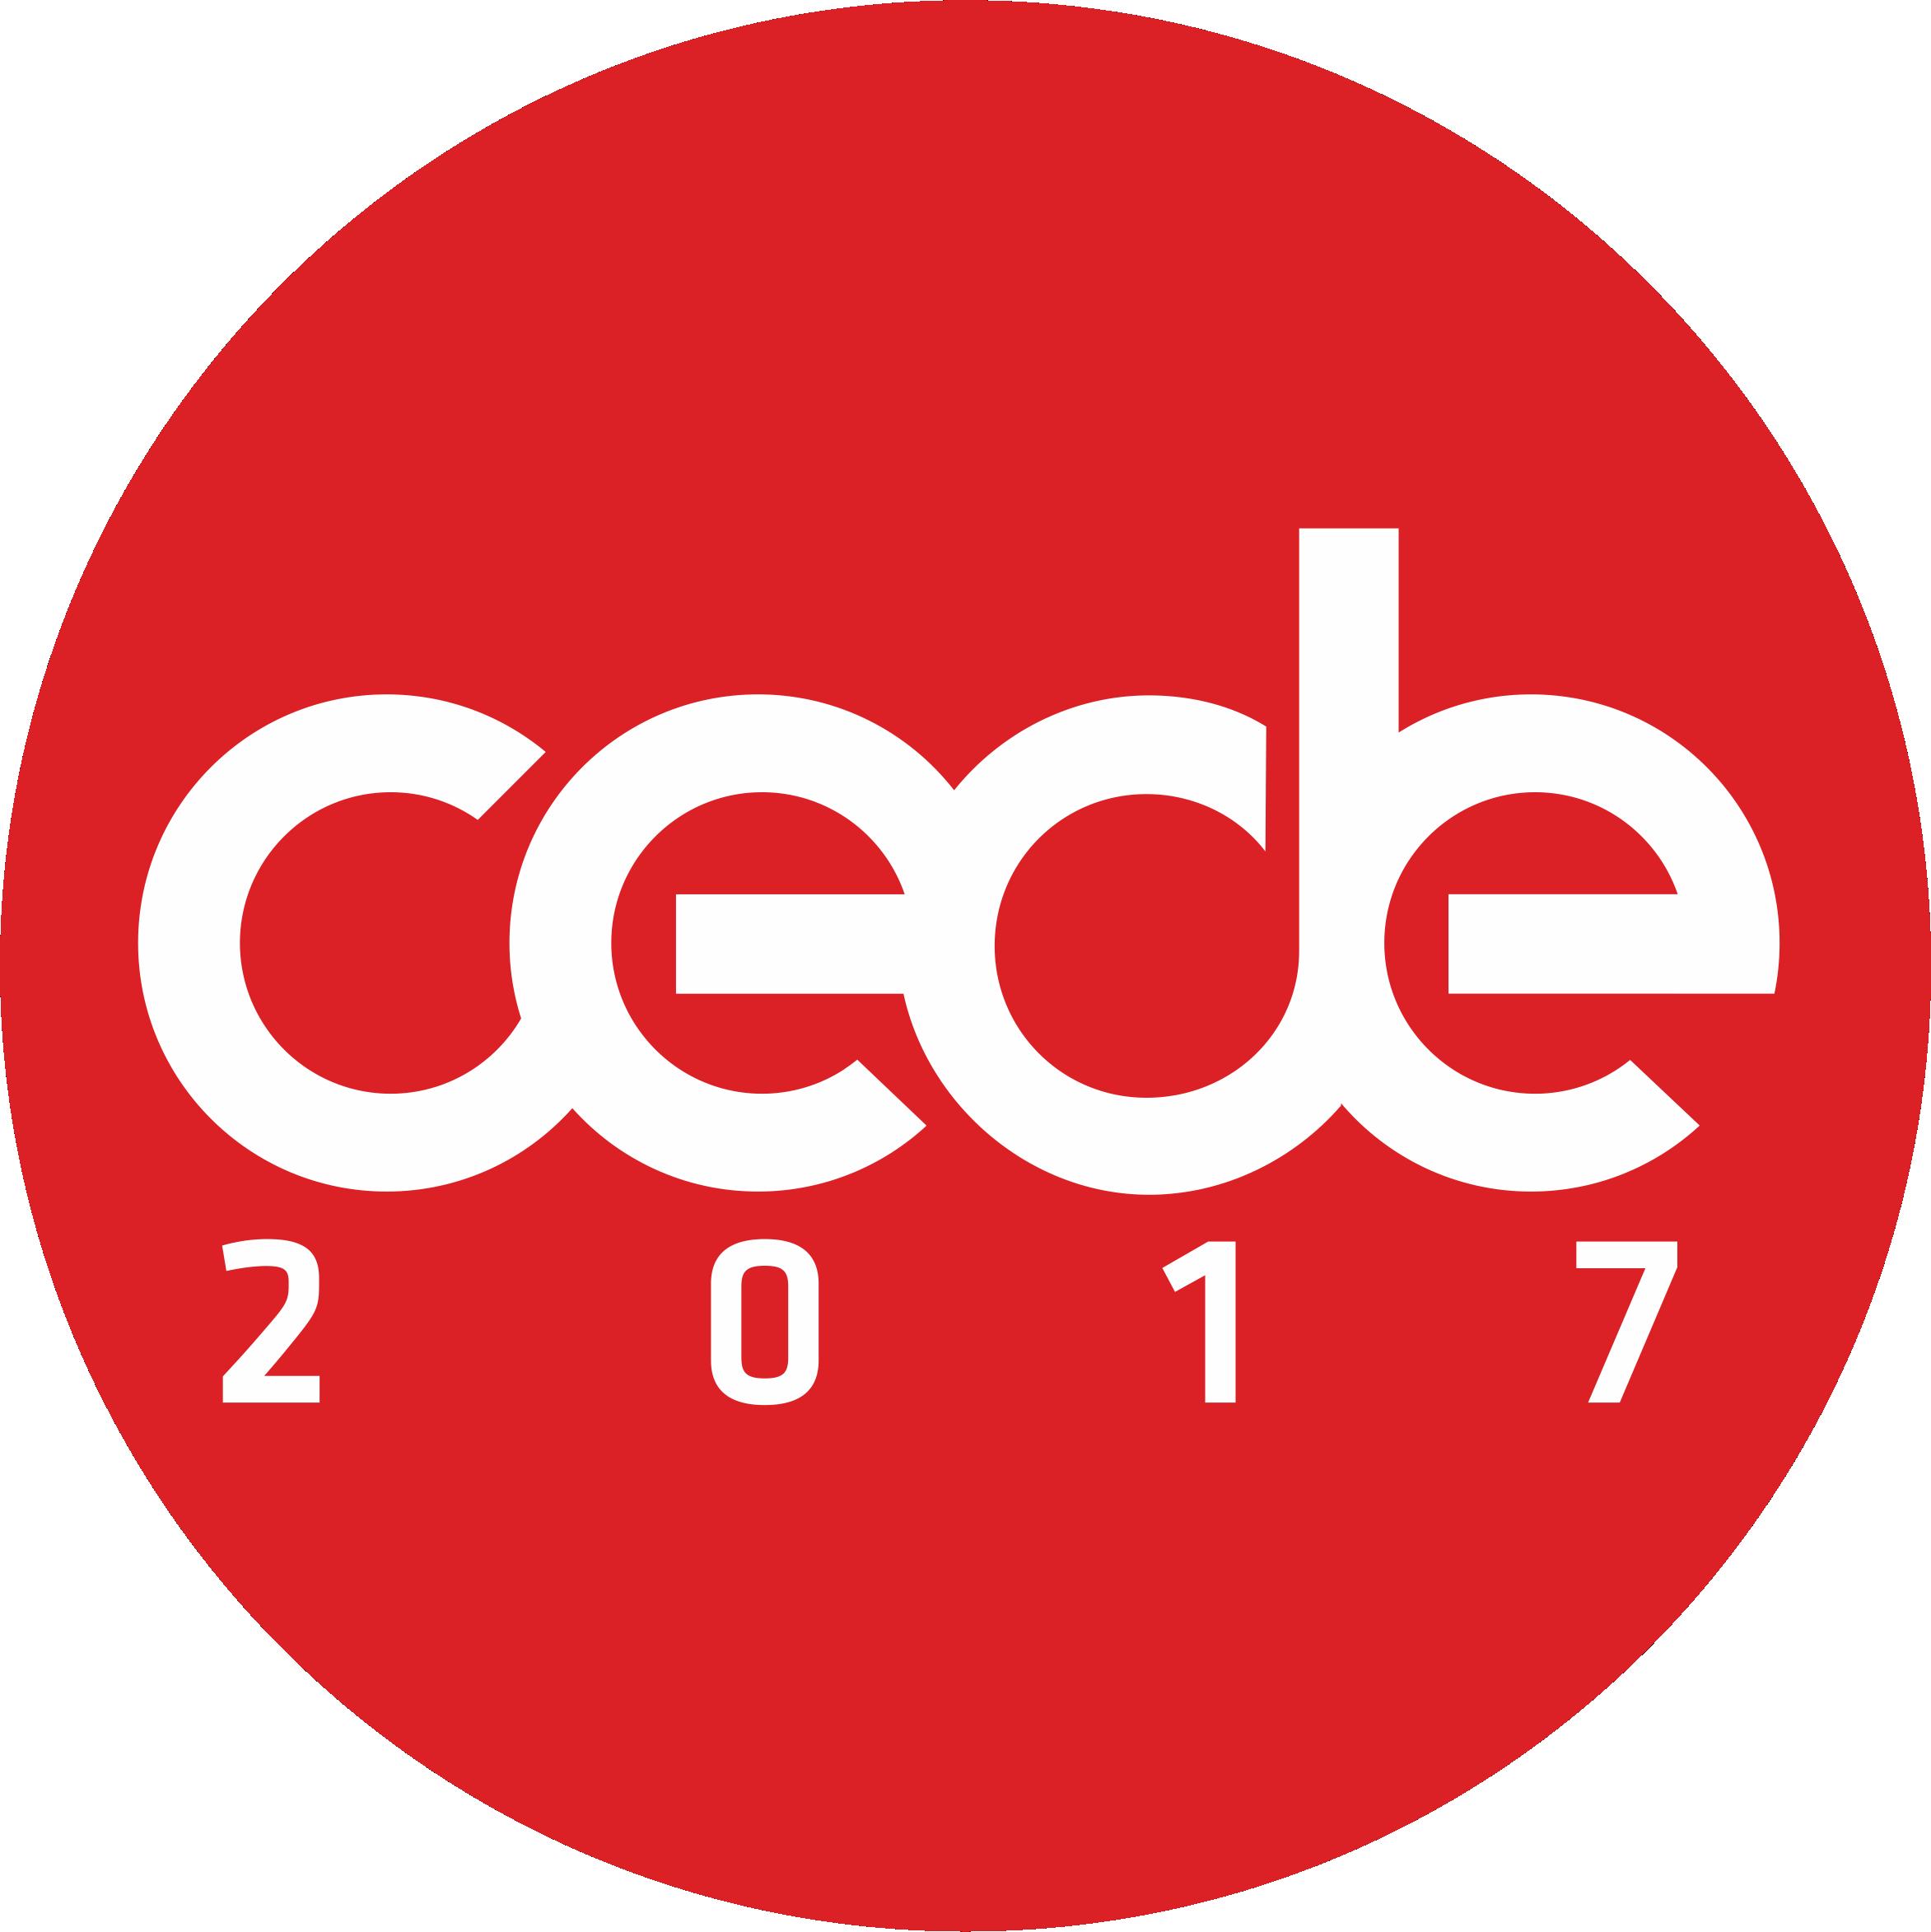 Download CEDE 2017 logo - CEDE 2017